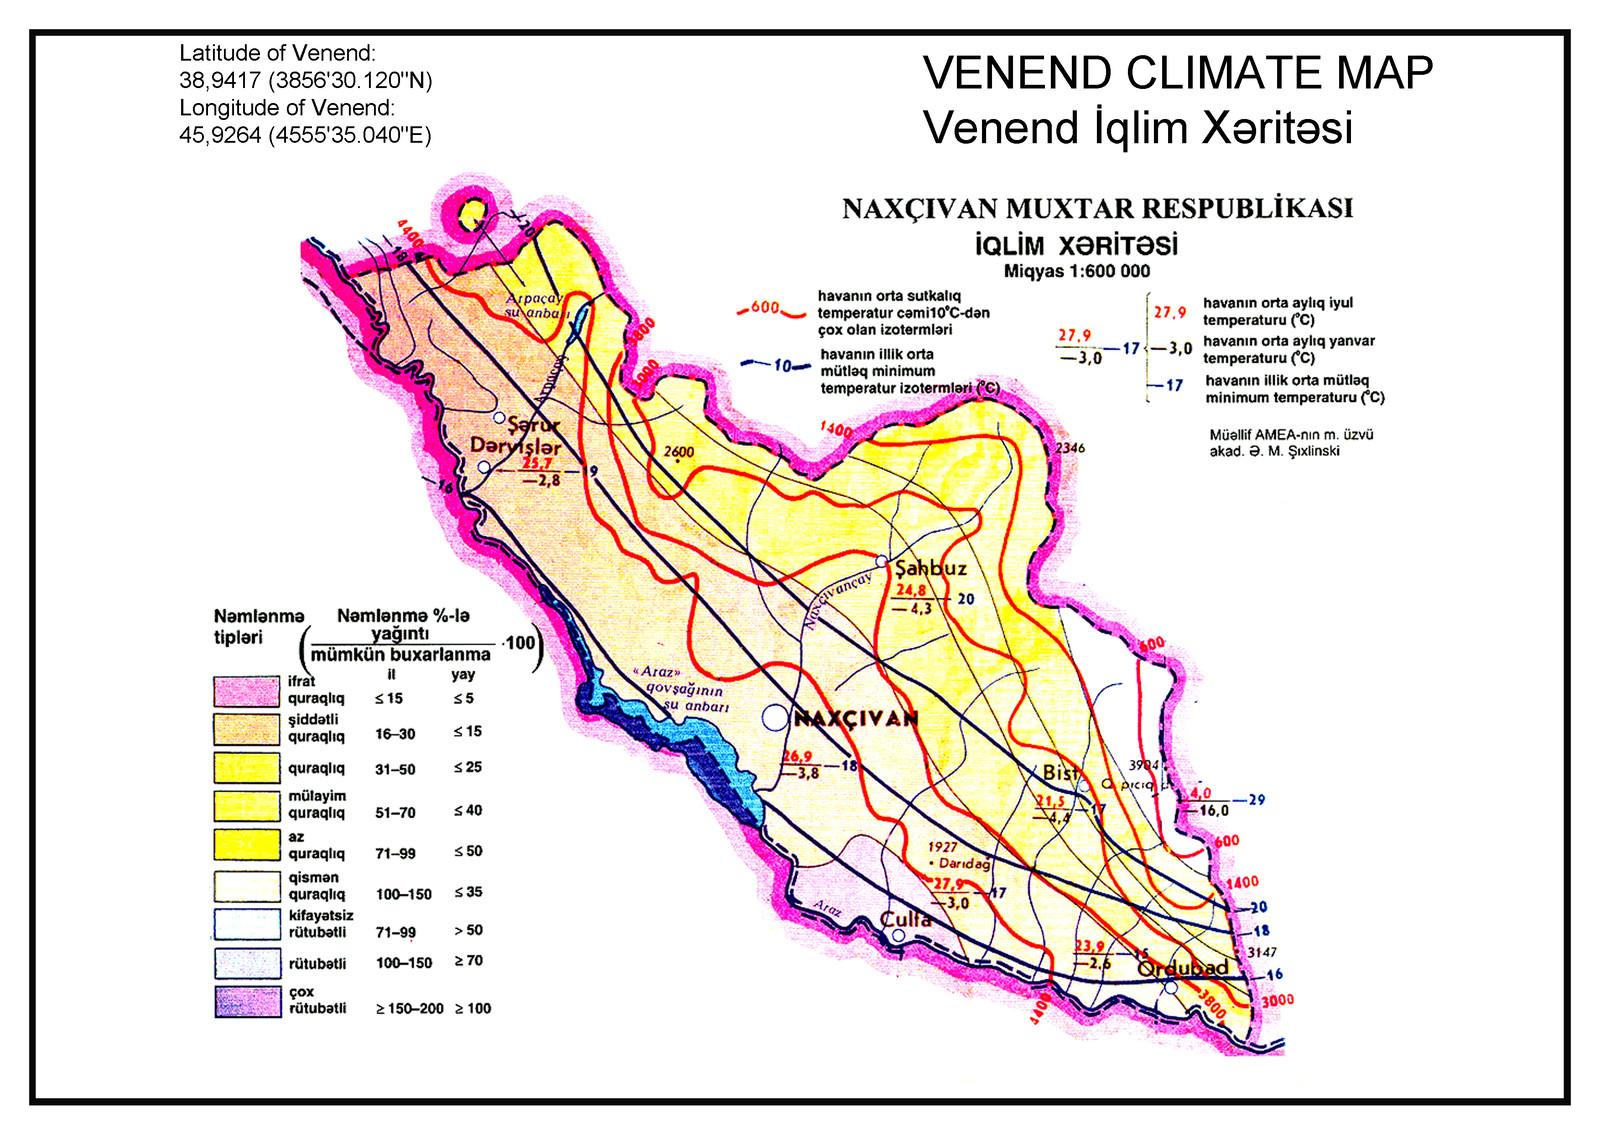 Venend Climate Map